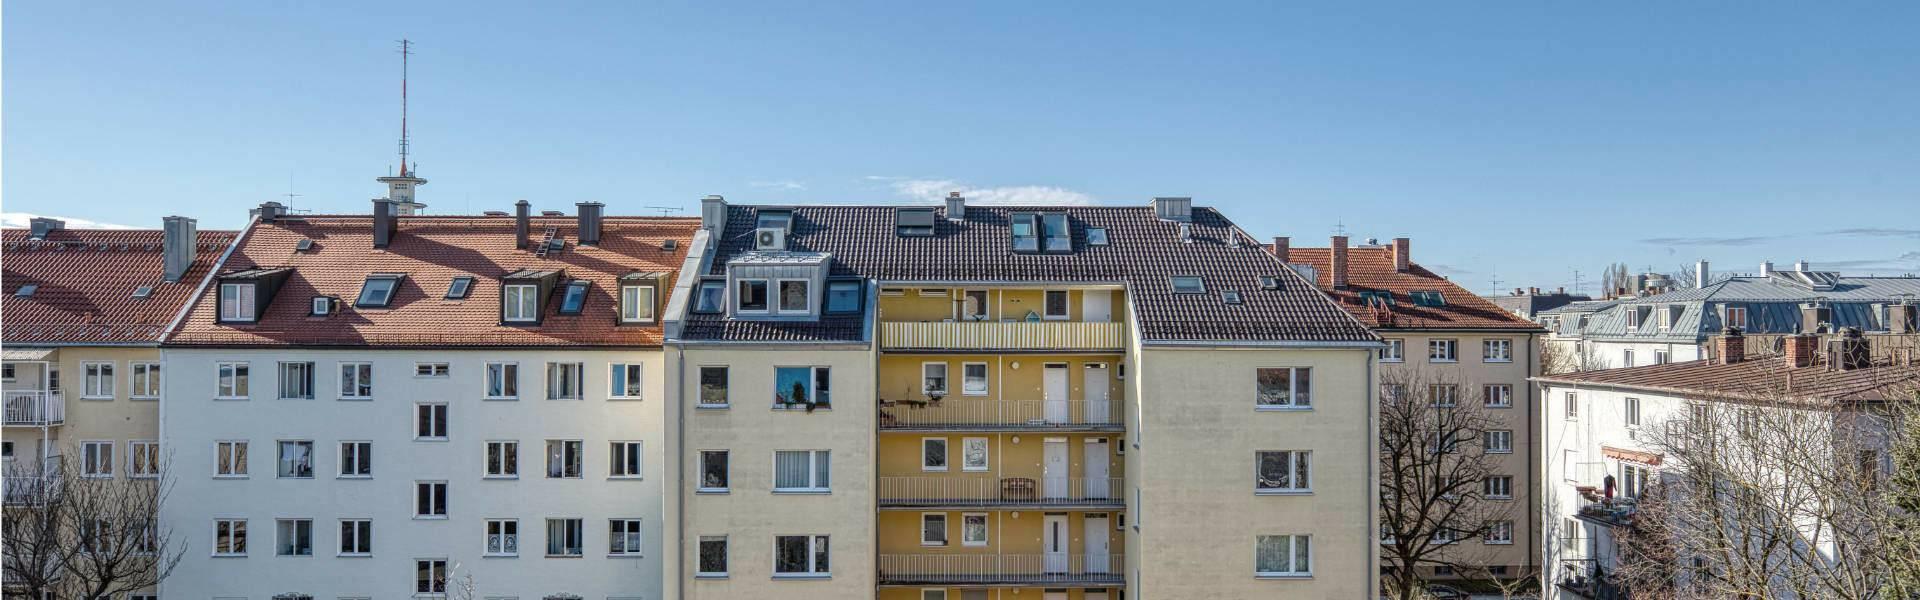 Maxvorstadt Wohnung Blick aus dem Fenster